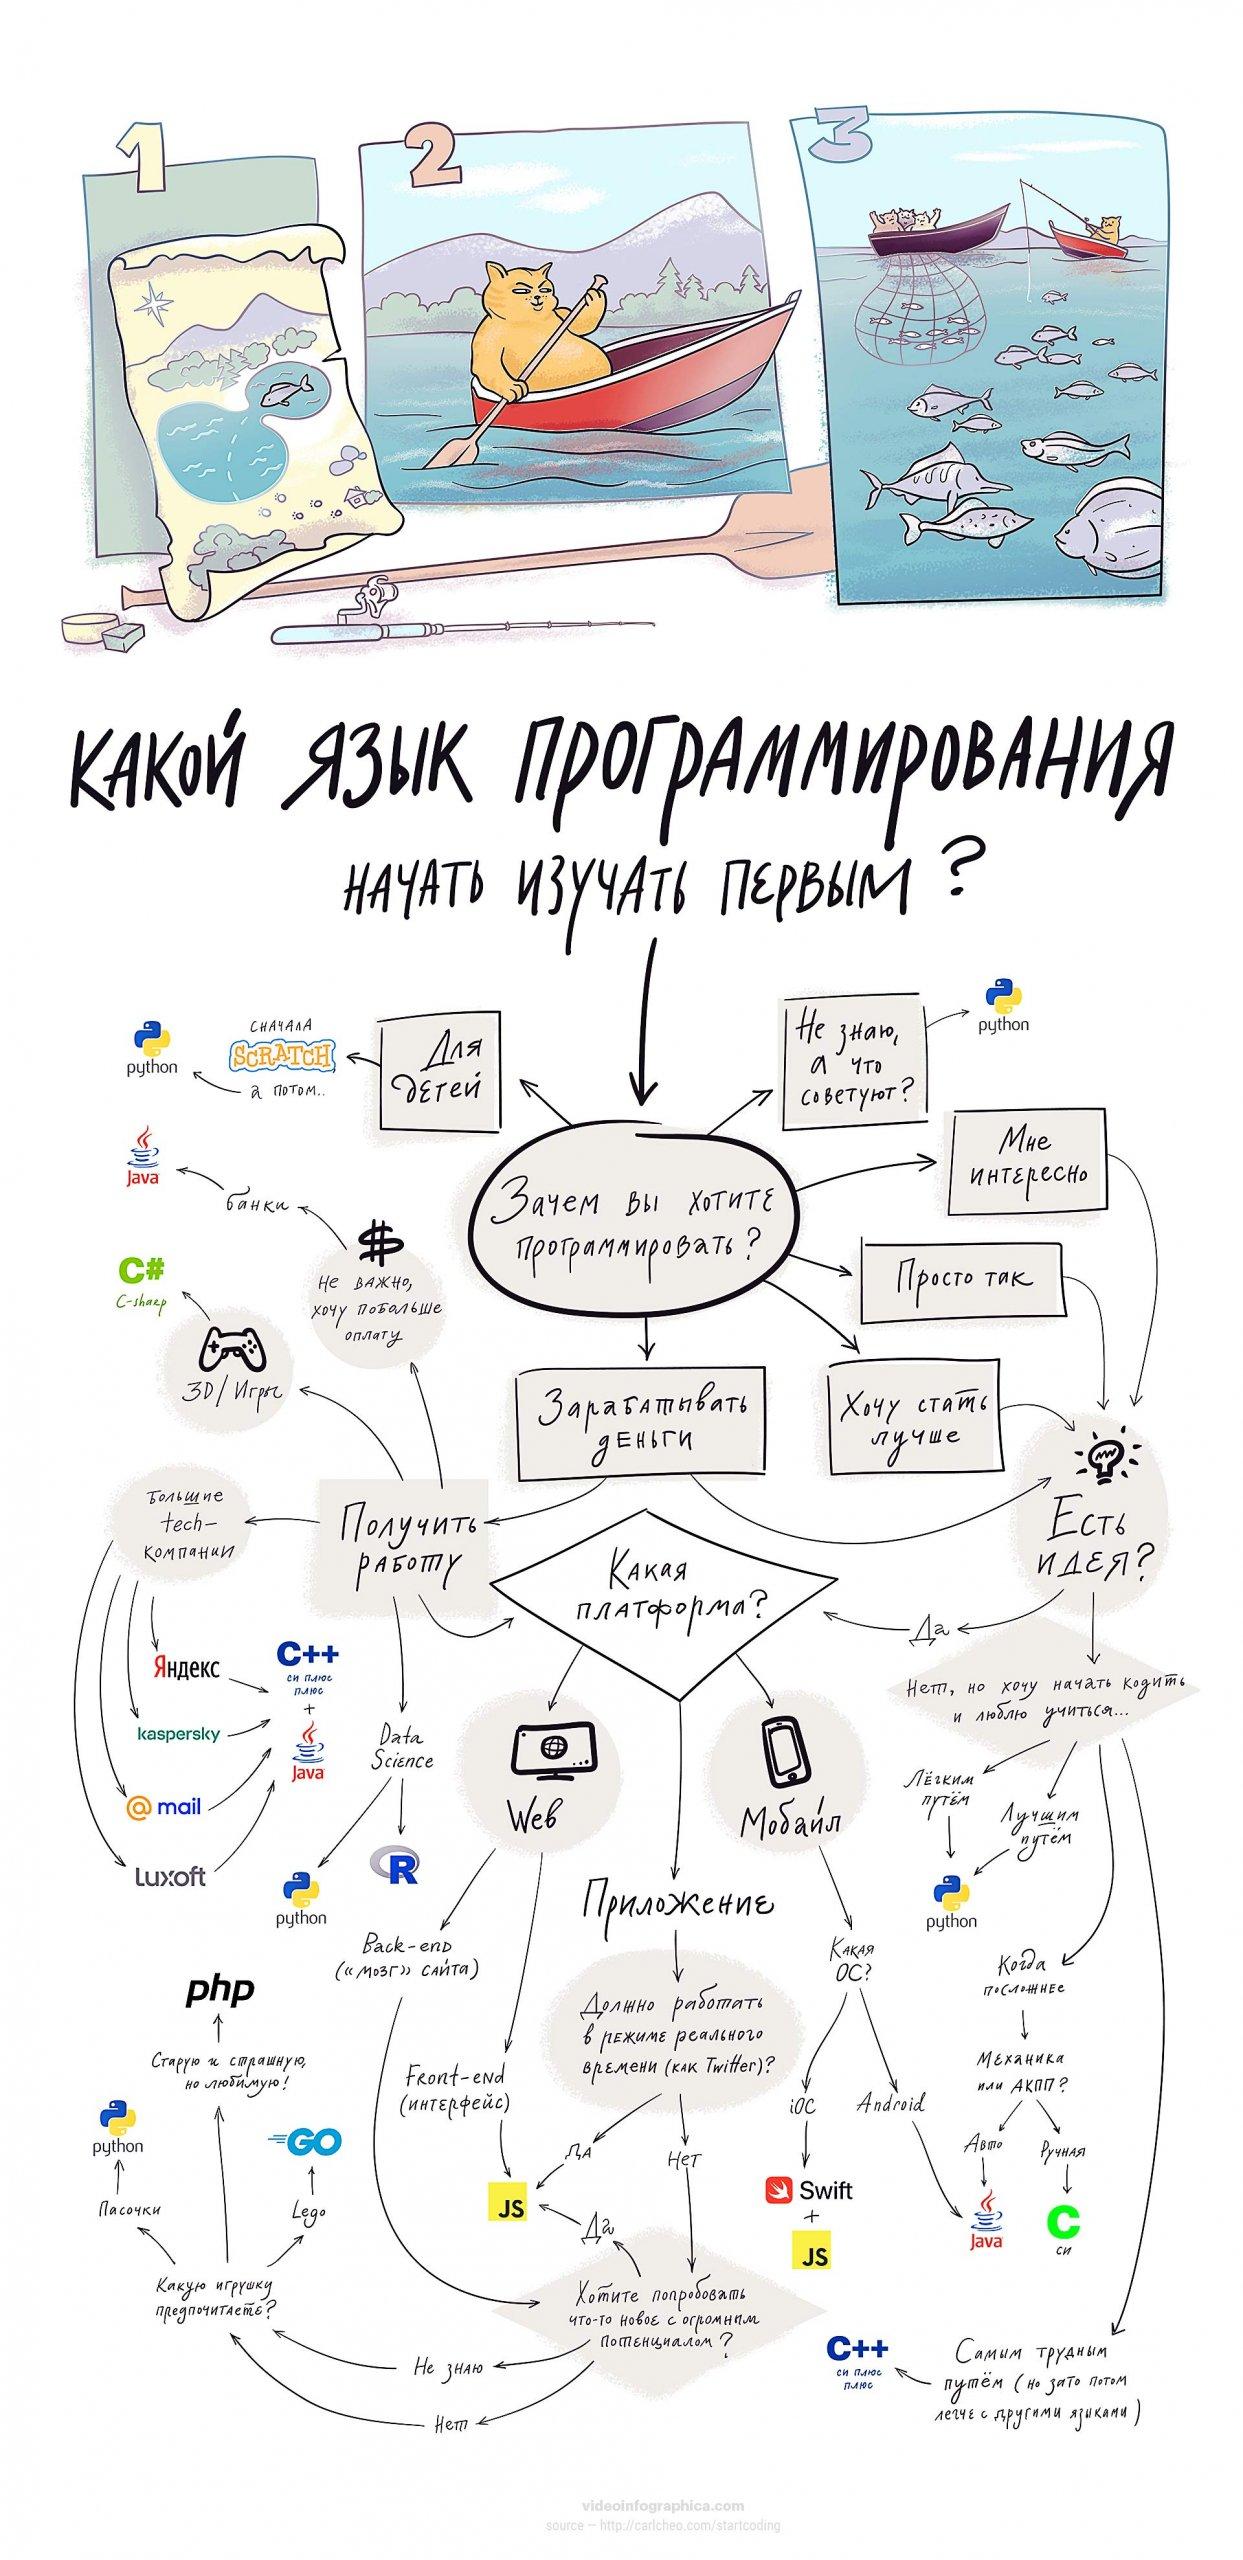 Инфографика. Какой язык программирования выбрать